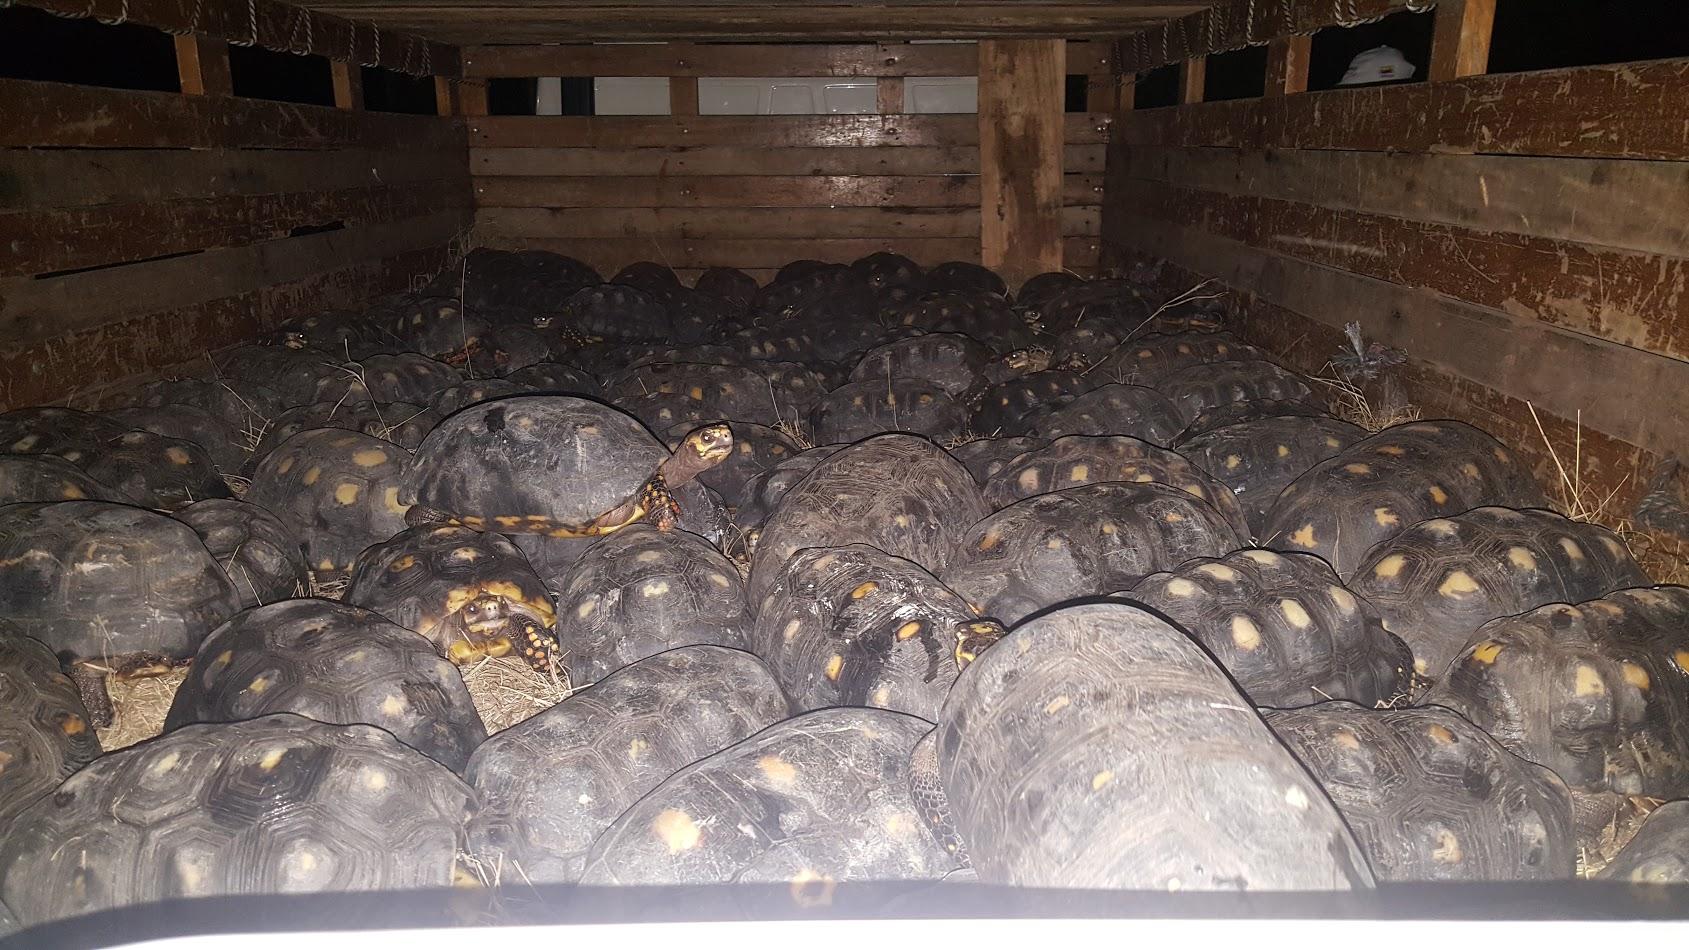 153 tortugas decomisadas en el Huila serán liberadas